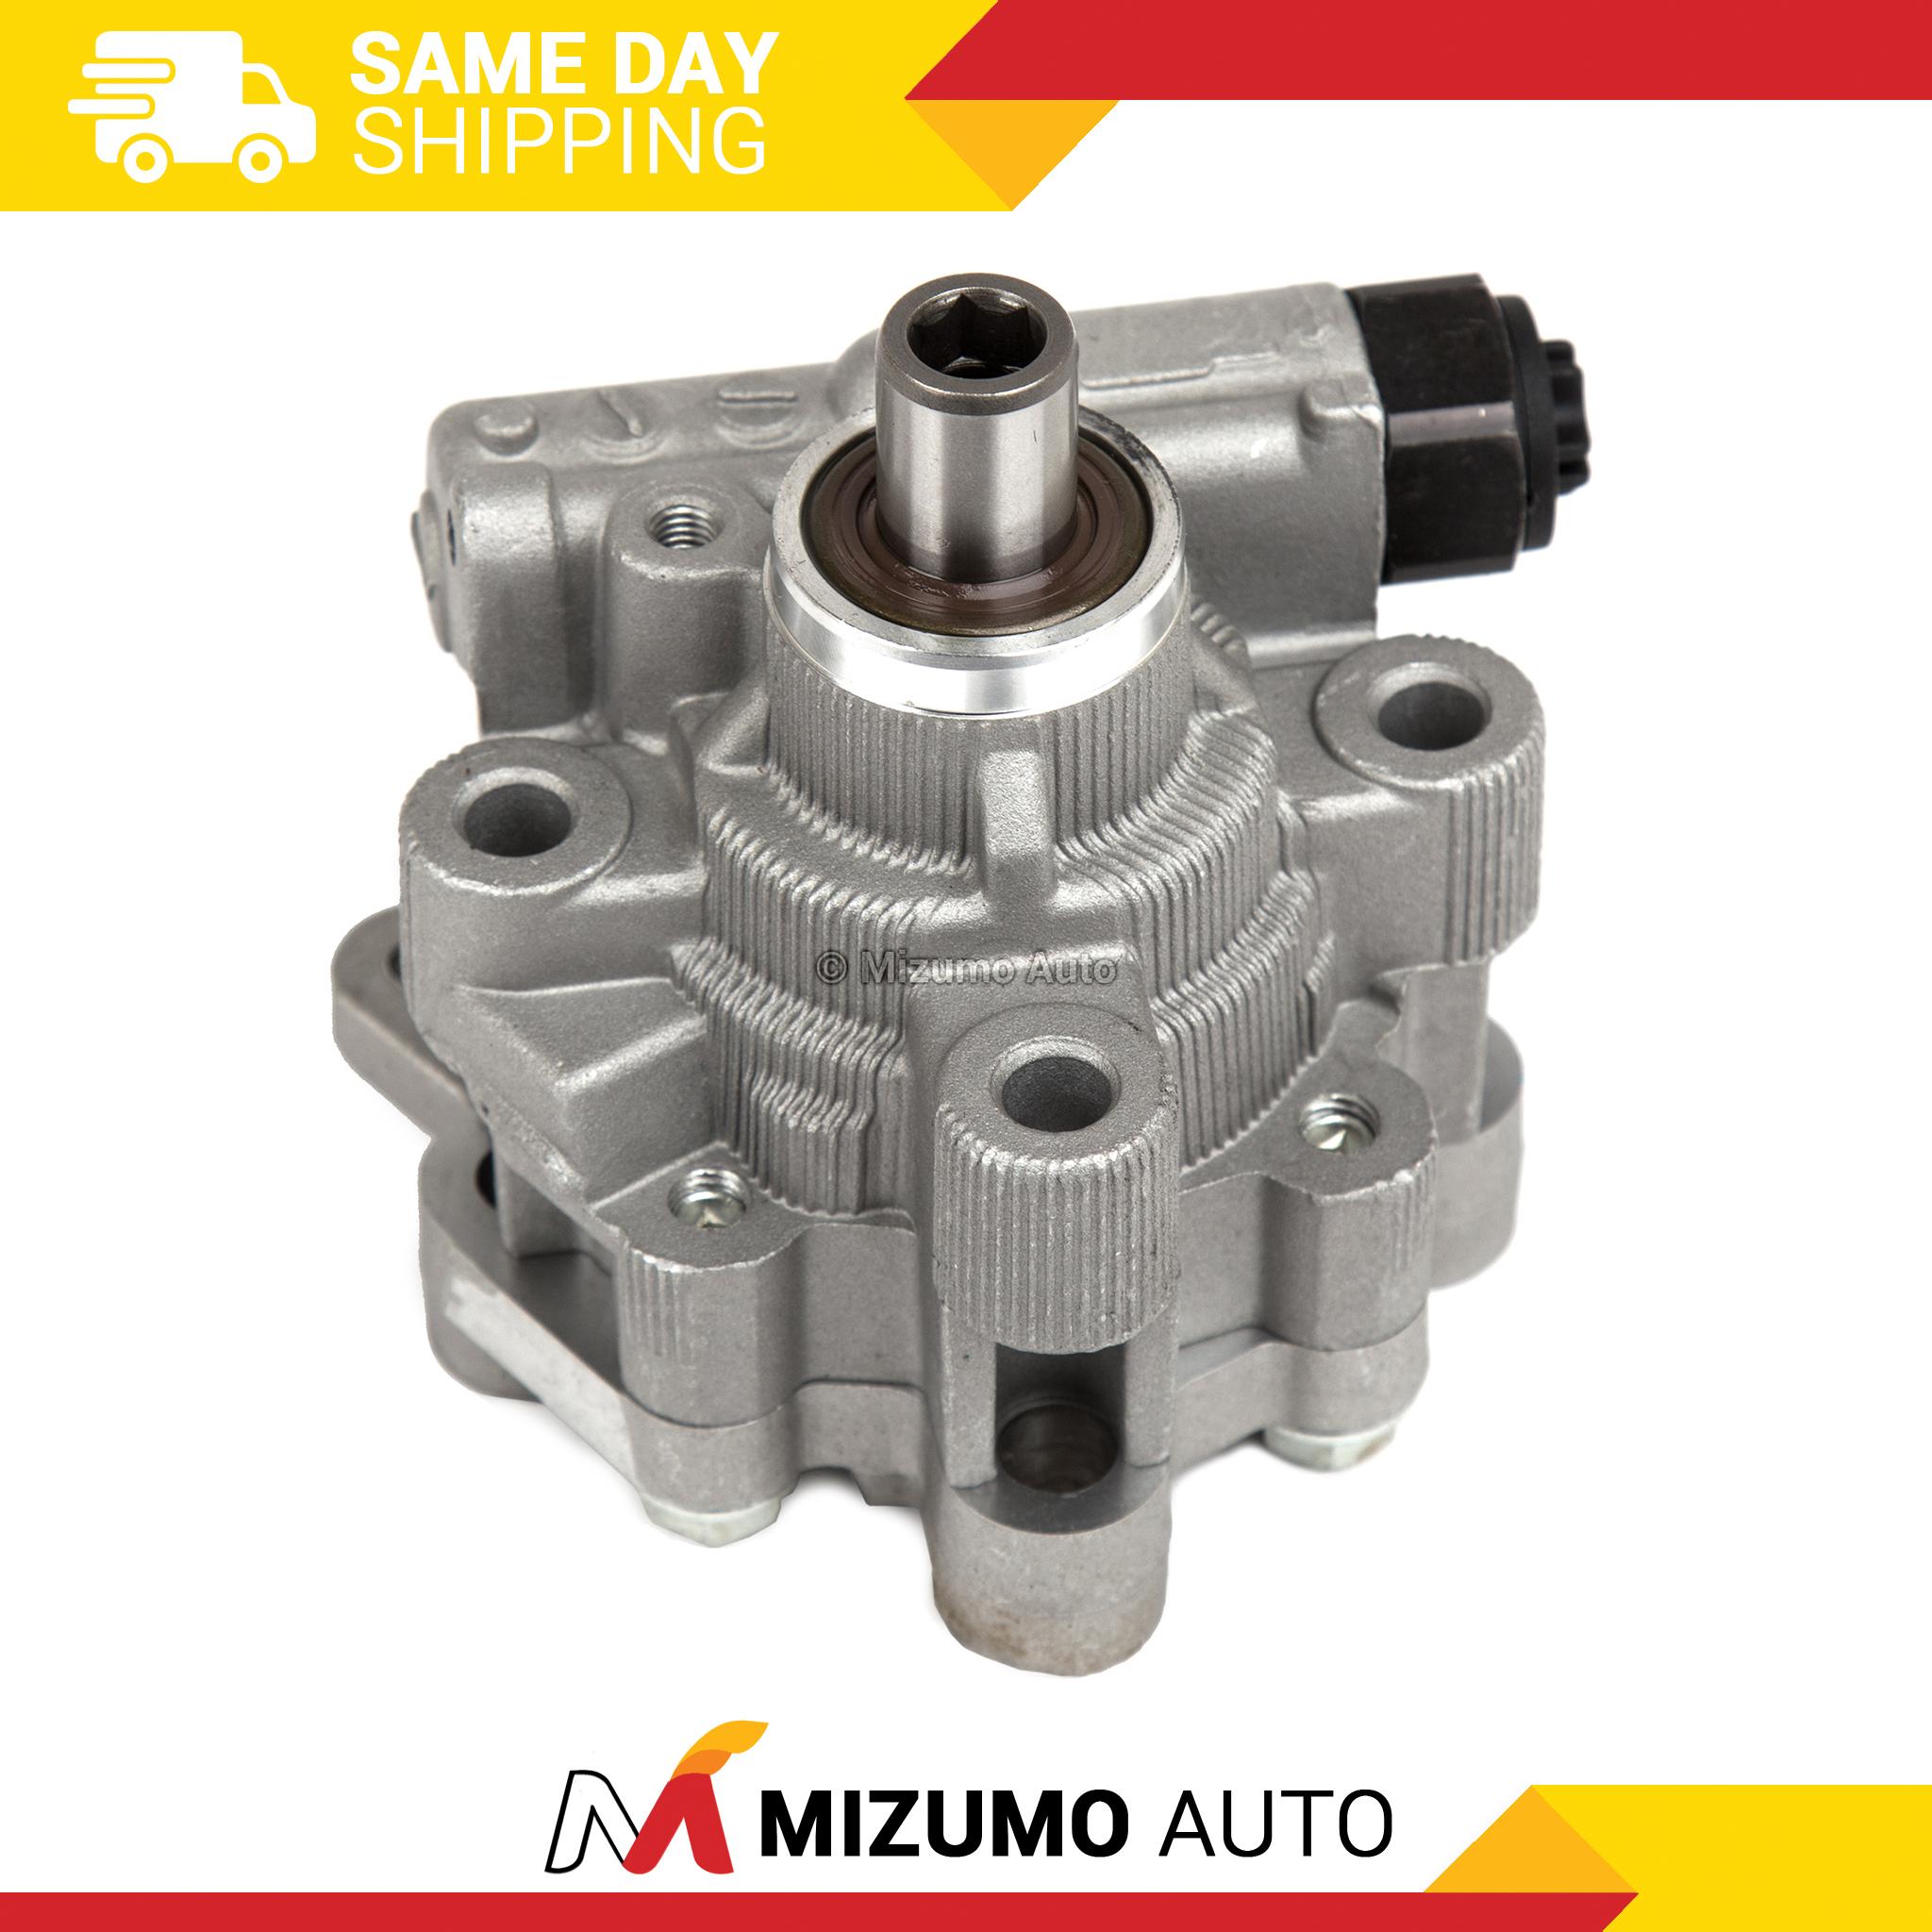 Power-Steering-Pump-21-5438-Fit-05-10-Jeep-Commander-Grand-Cherokee-52089339AC